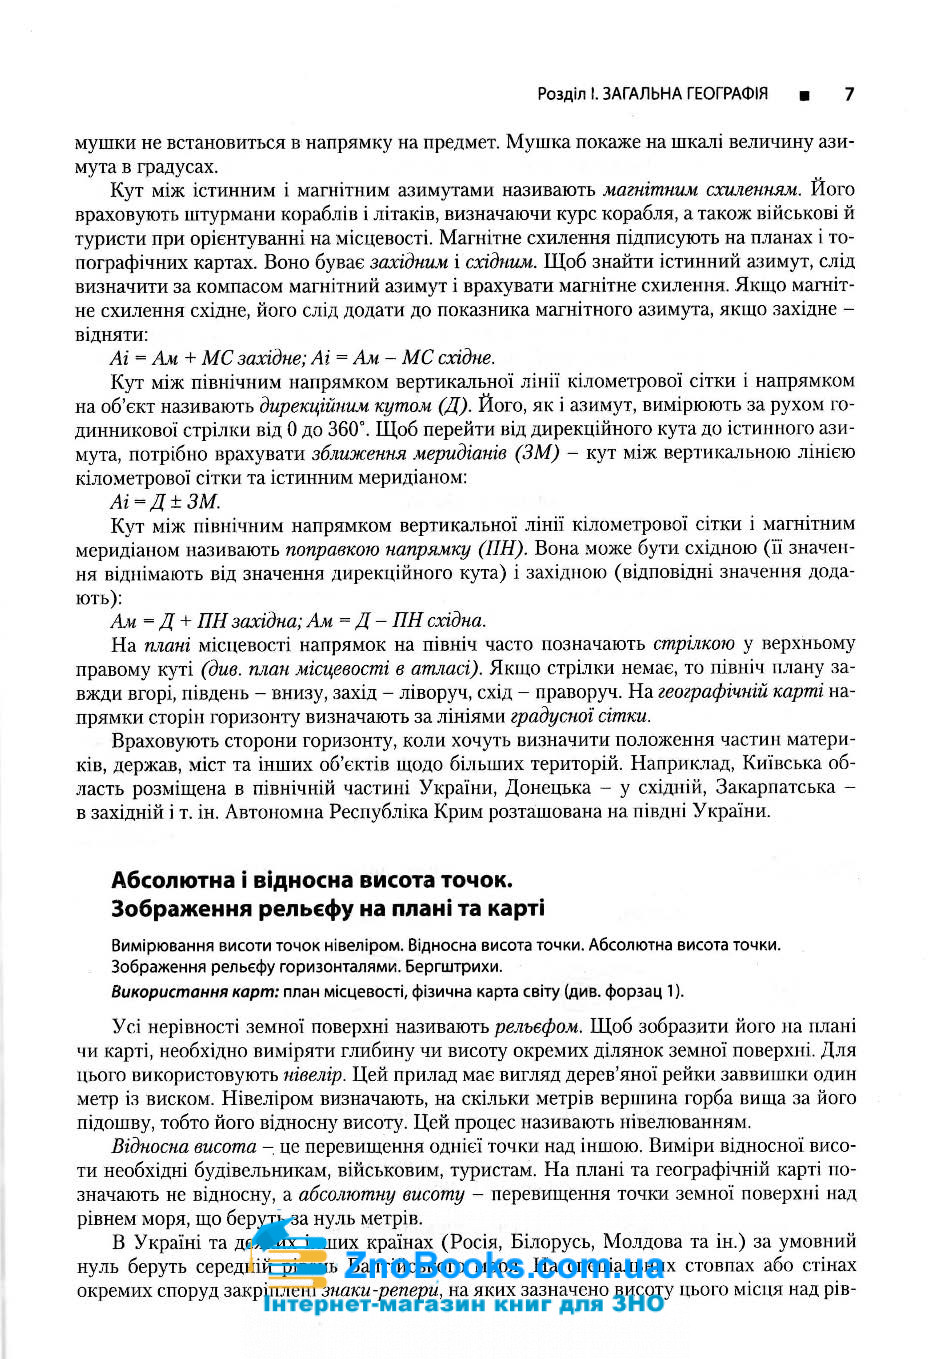 Географія. Довідник для абітурієнтів та школярів /НОВИЙ/ : Кобернік С., Коваленко Р.  Літера 7